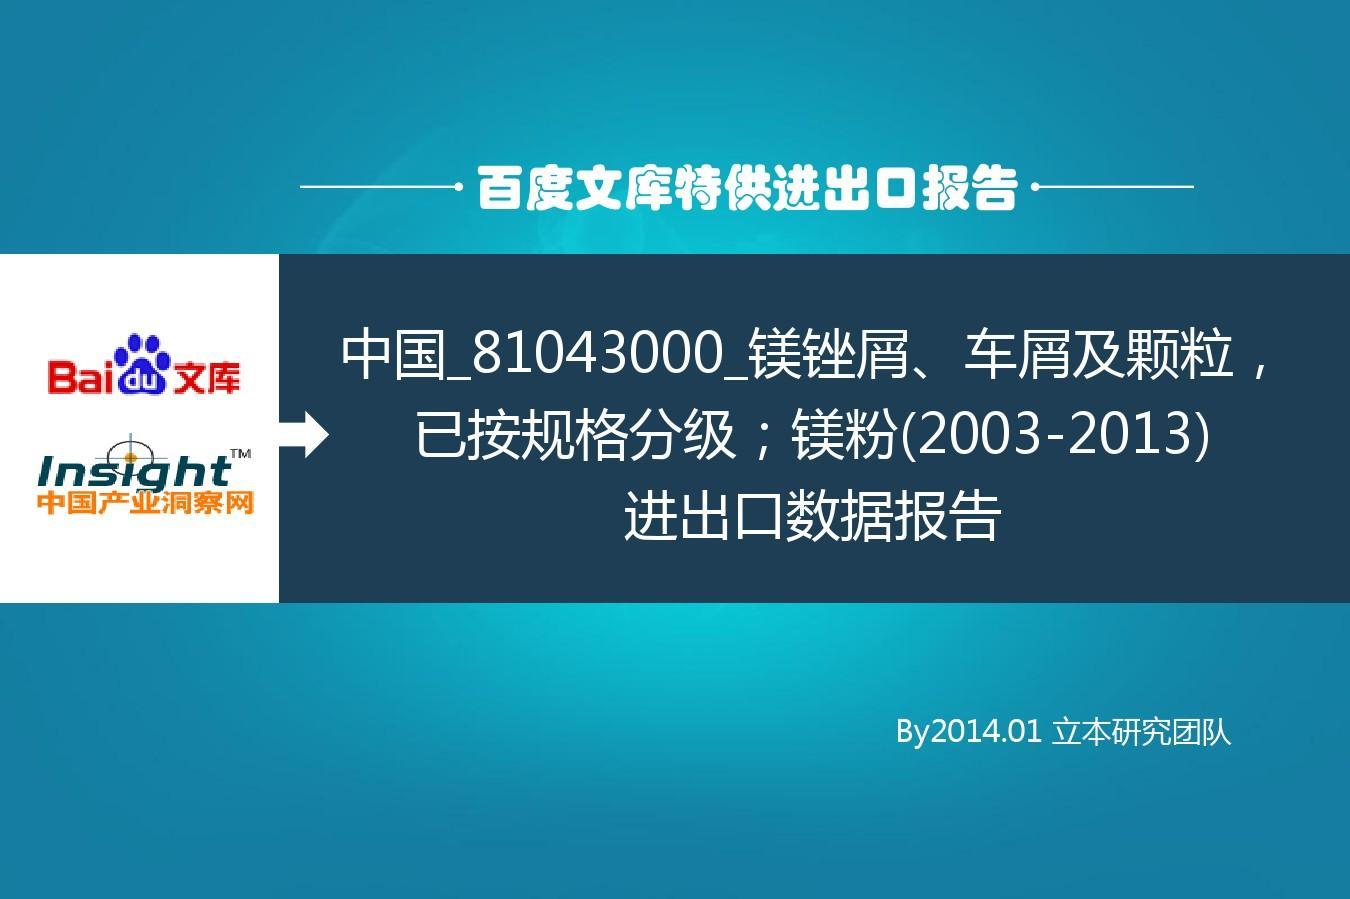 中国_81043000_镁锉屑、车屑及颗粒,已按规格分级;镁粉(2003-2013)进出口数据报告